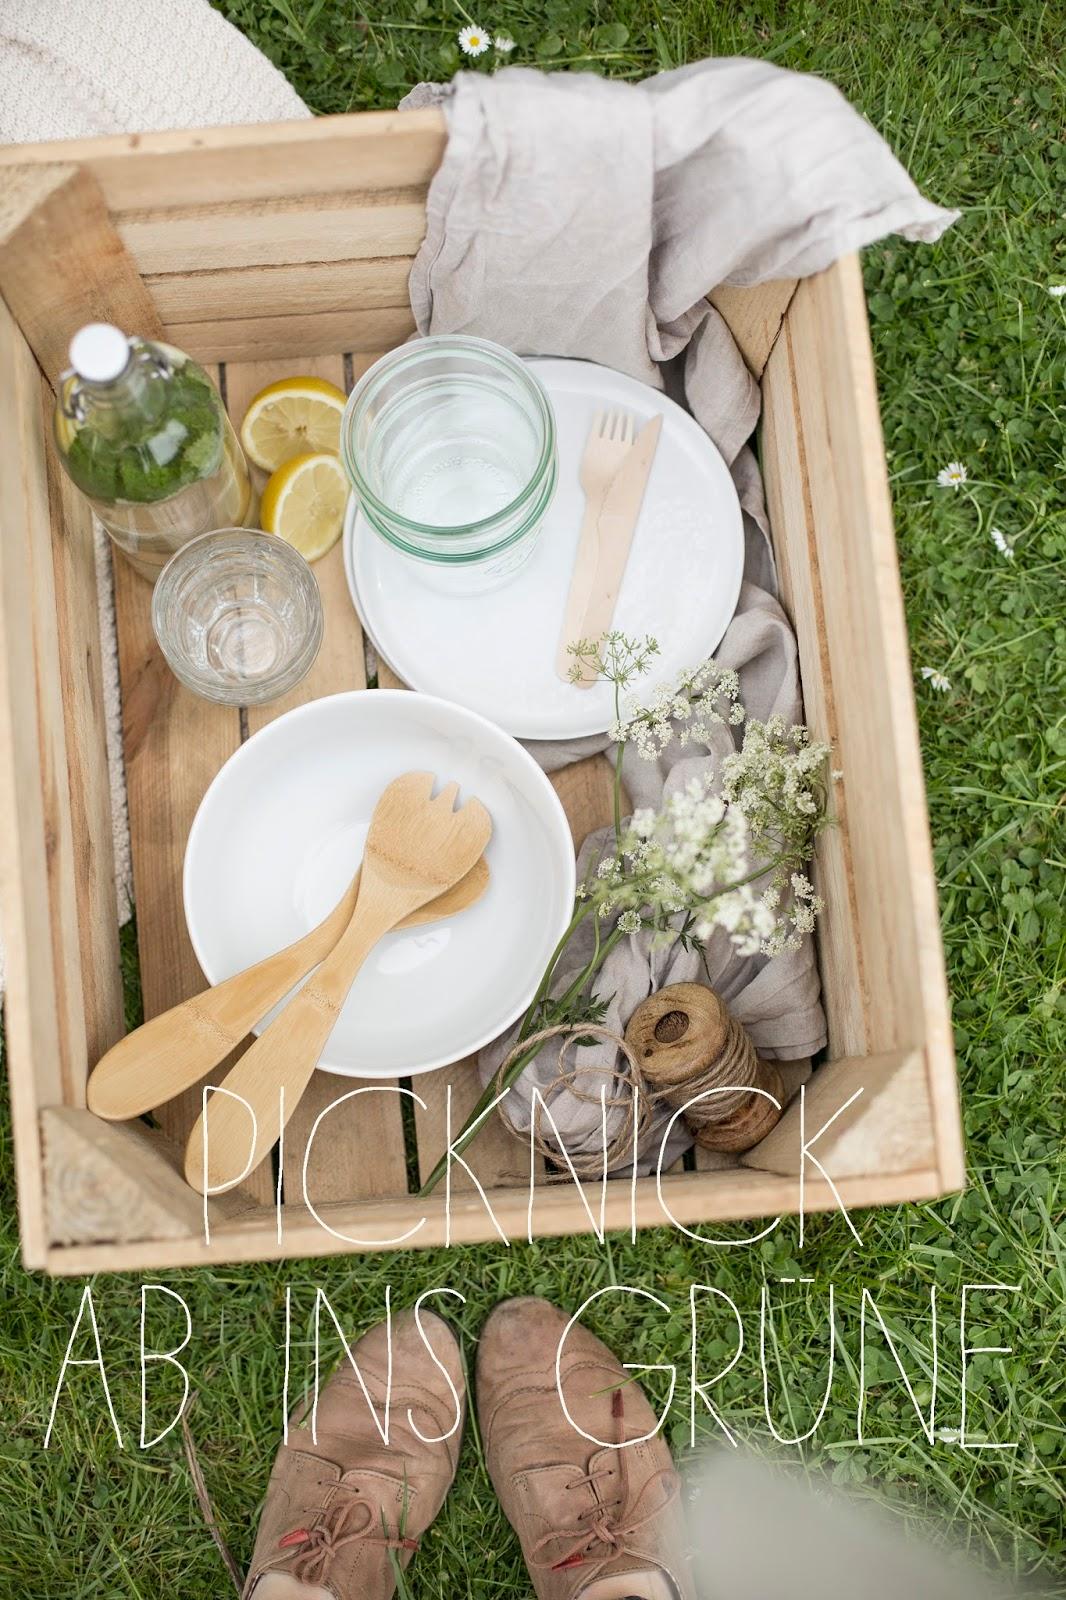 Picknick mit Reissalat und weißem Milchreis mit Erdbeeren